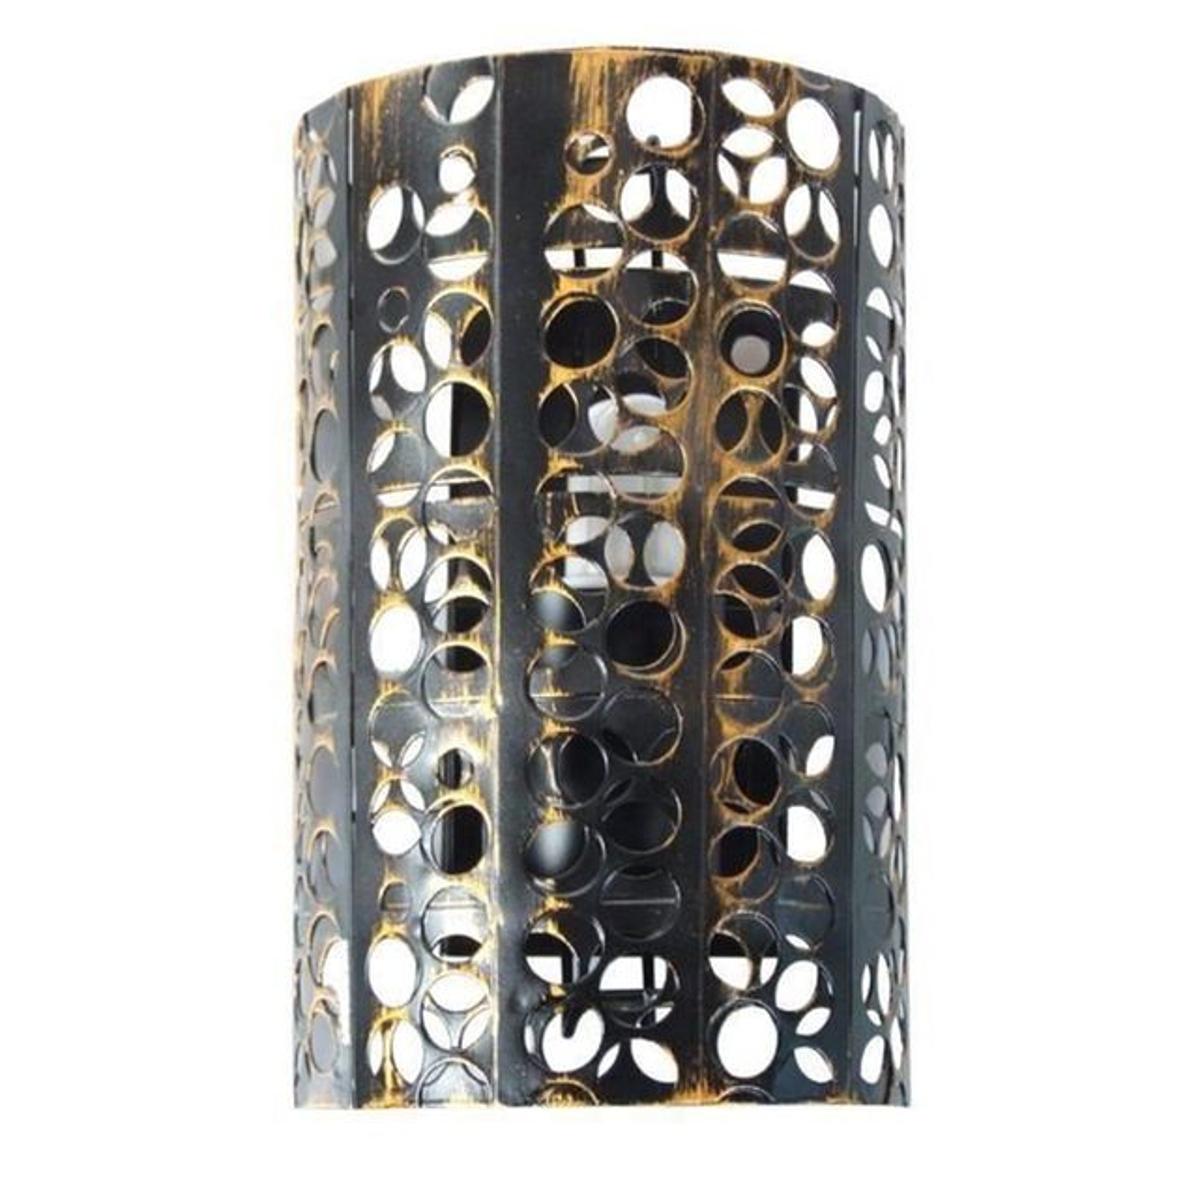 Applique cylindrique 15 cm en fer